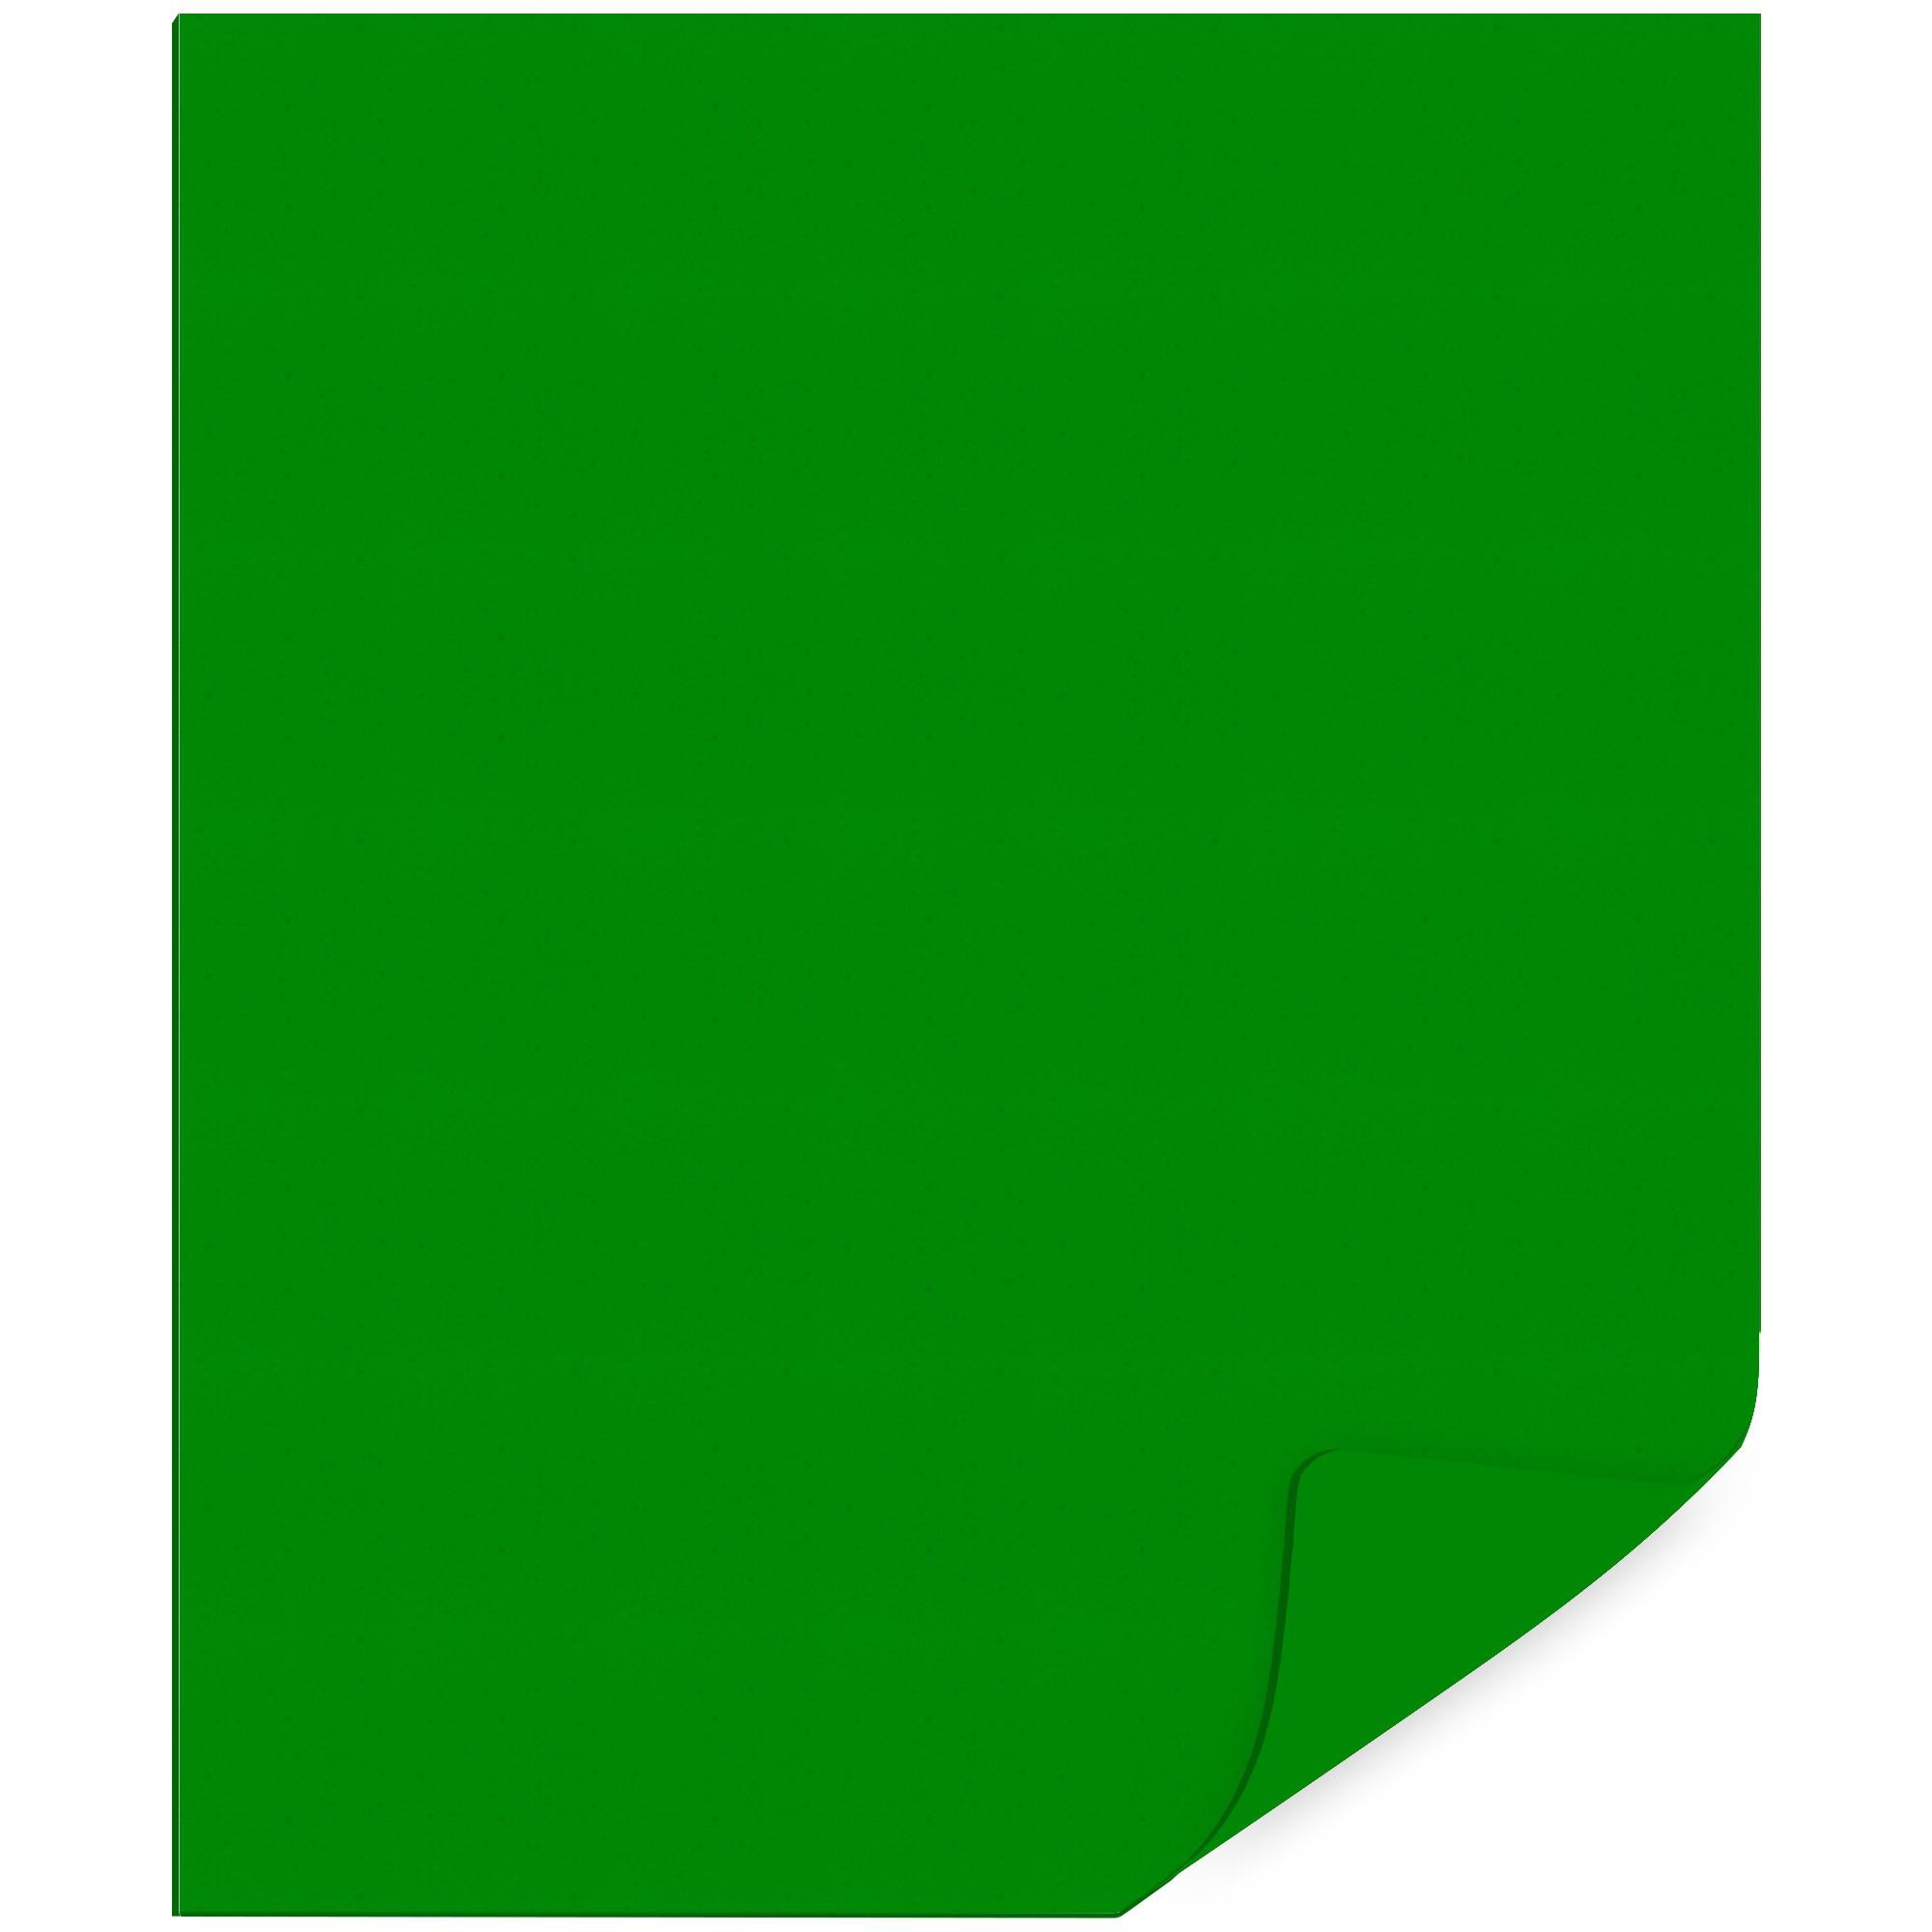 Placa em EVA 60X40CM Cor Verde Bandeira 1,8MM.  014 - Dubflex